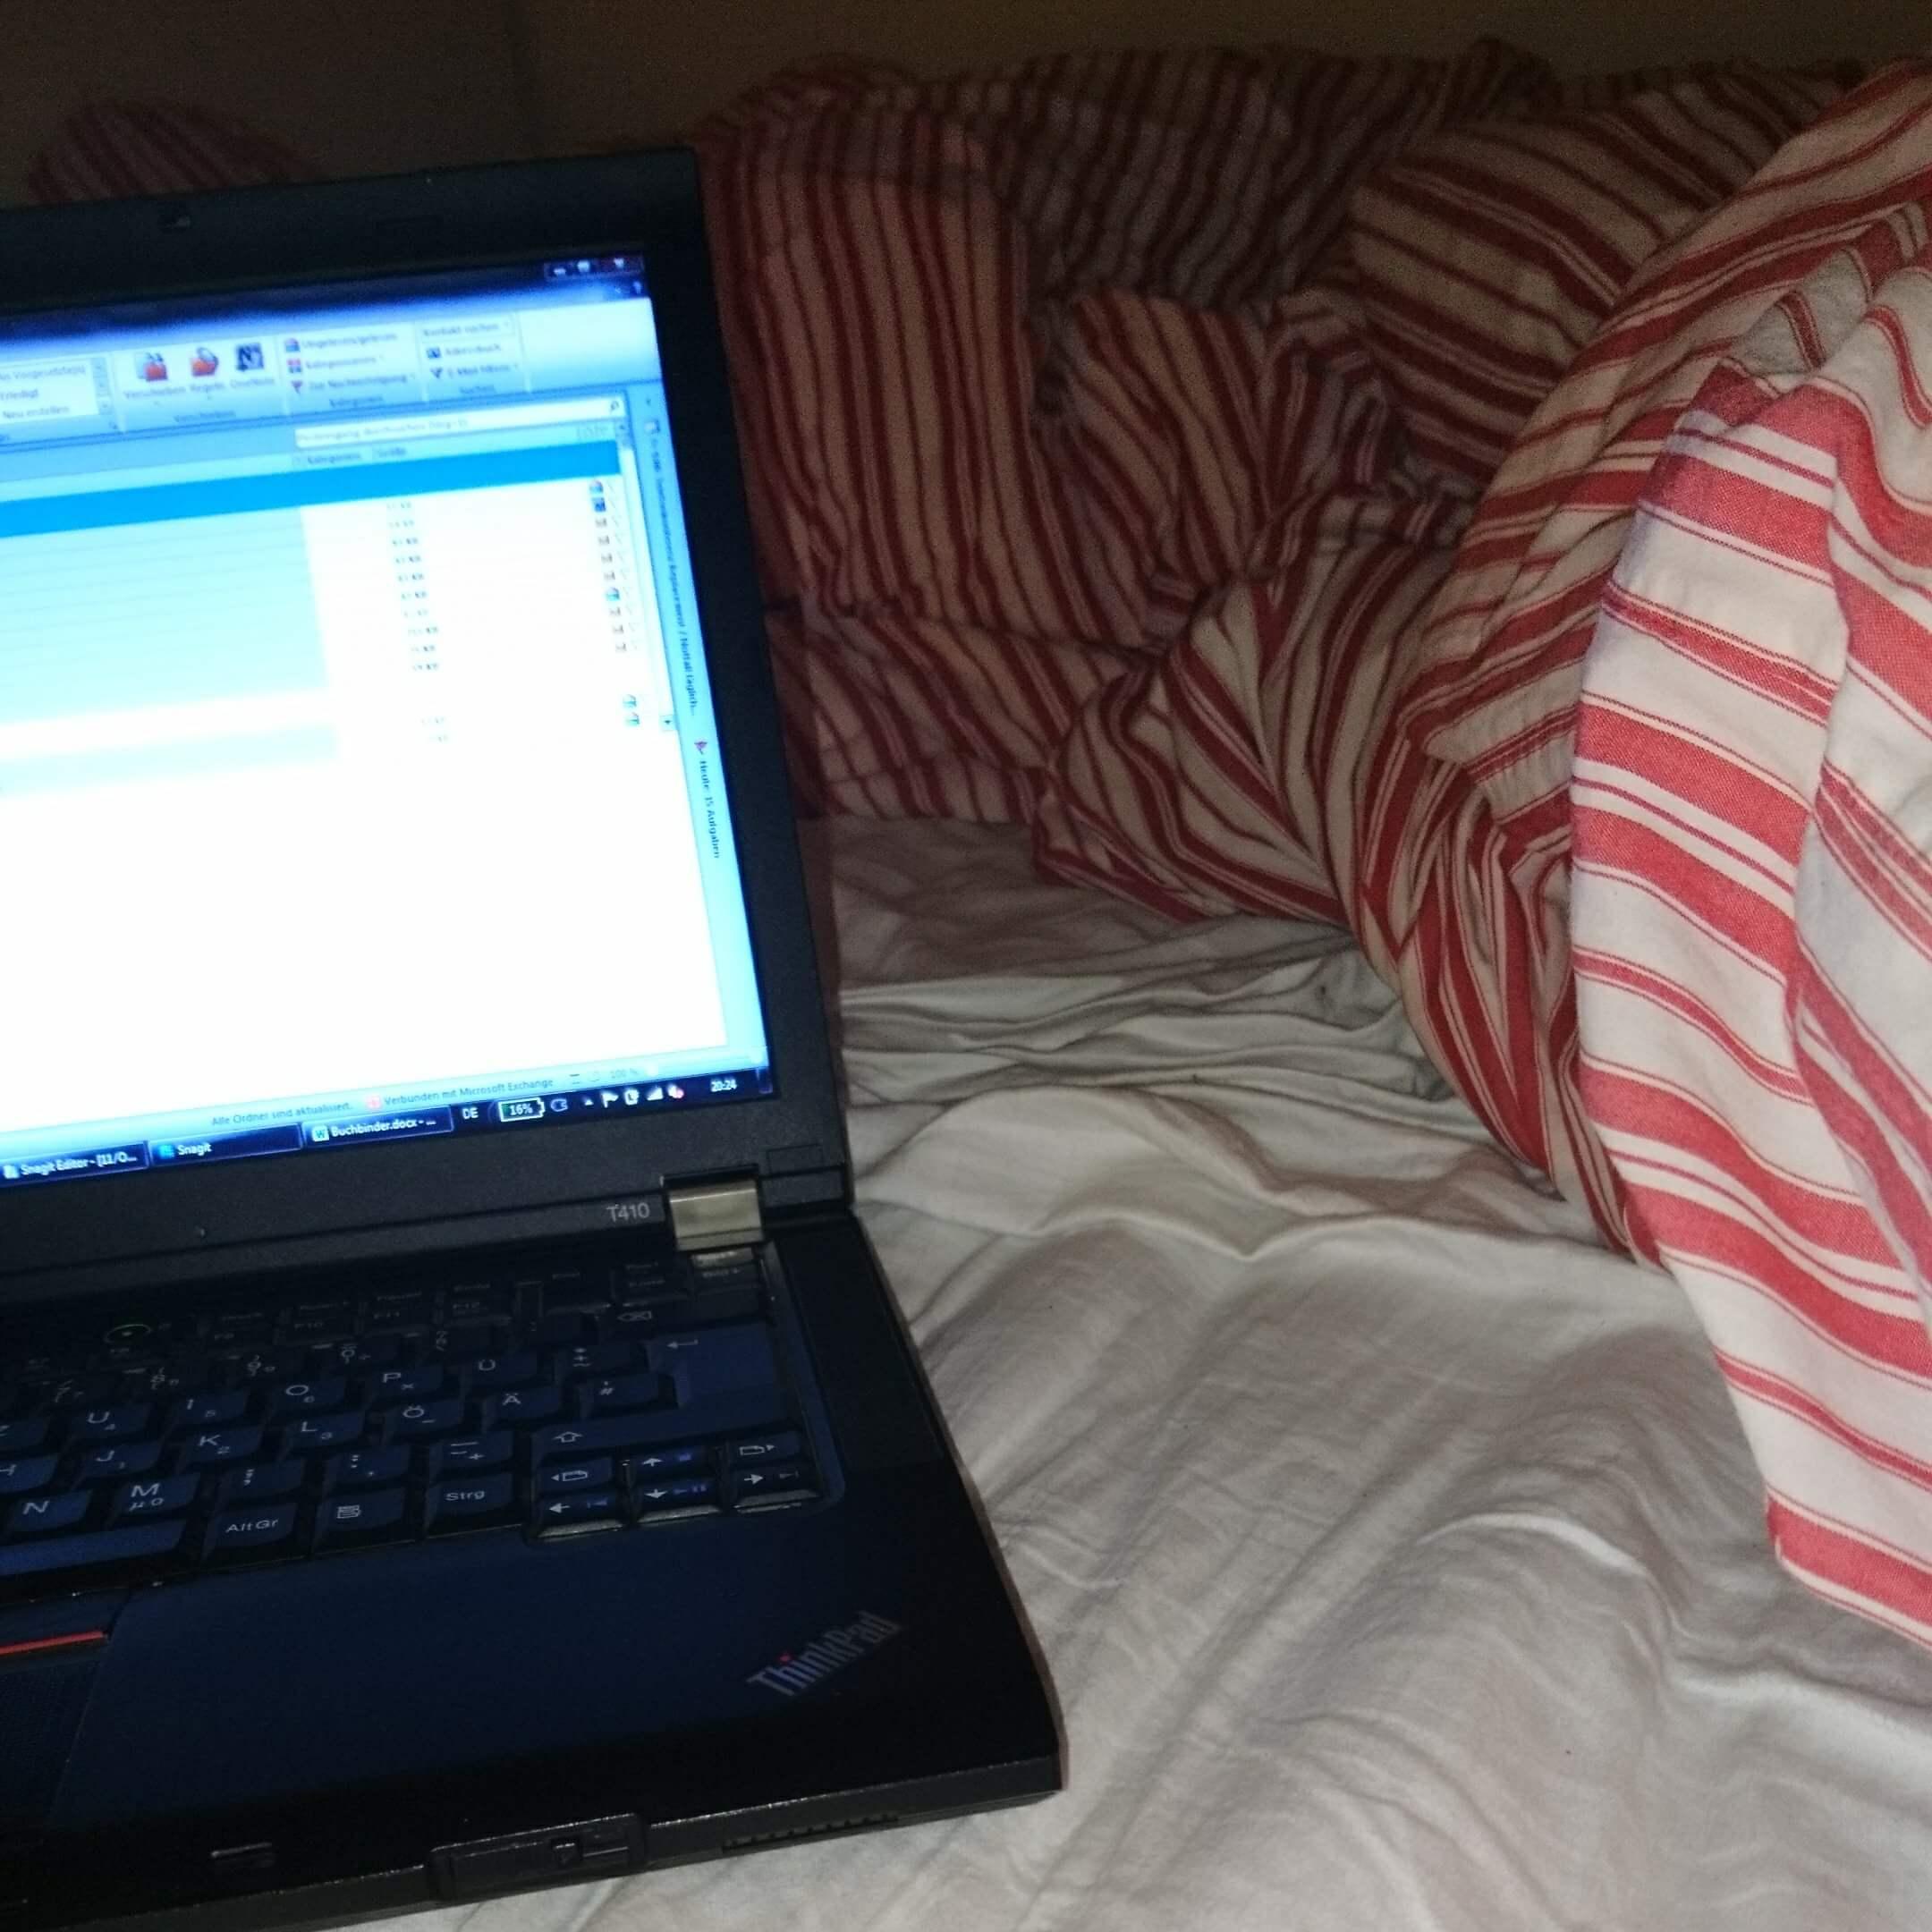 Bett Laptop